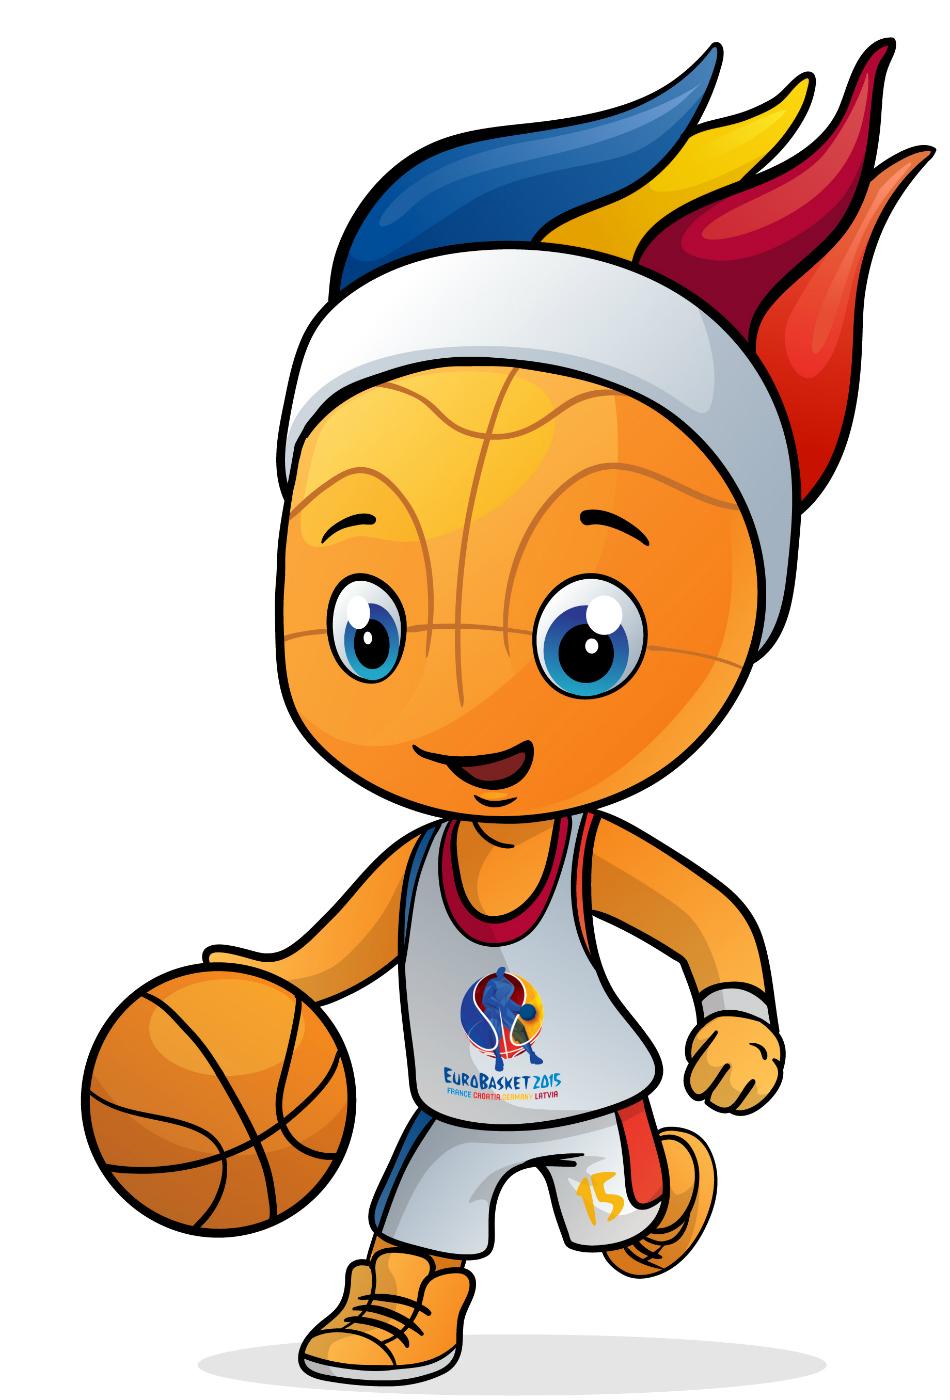 Voilà Frencky the Fireball, la mascotte de l'Euro 2015